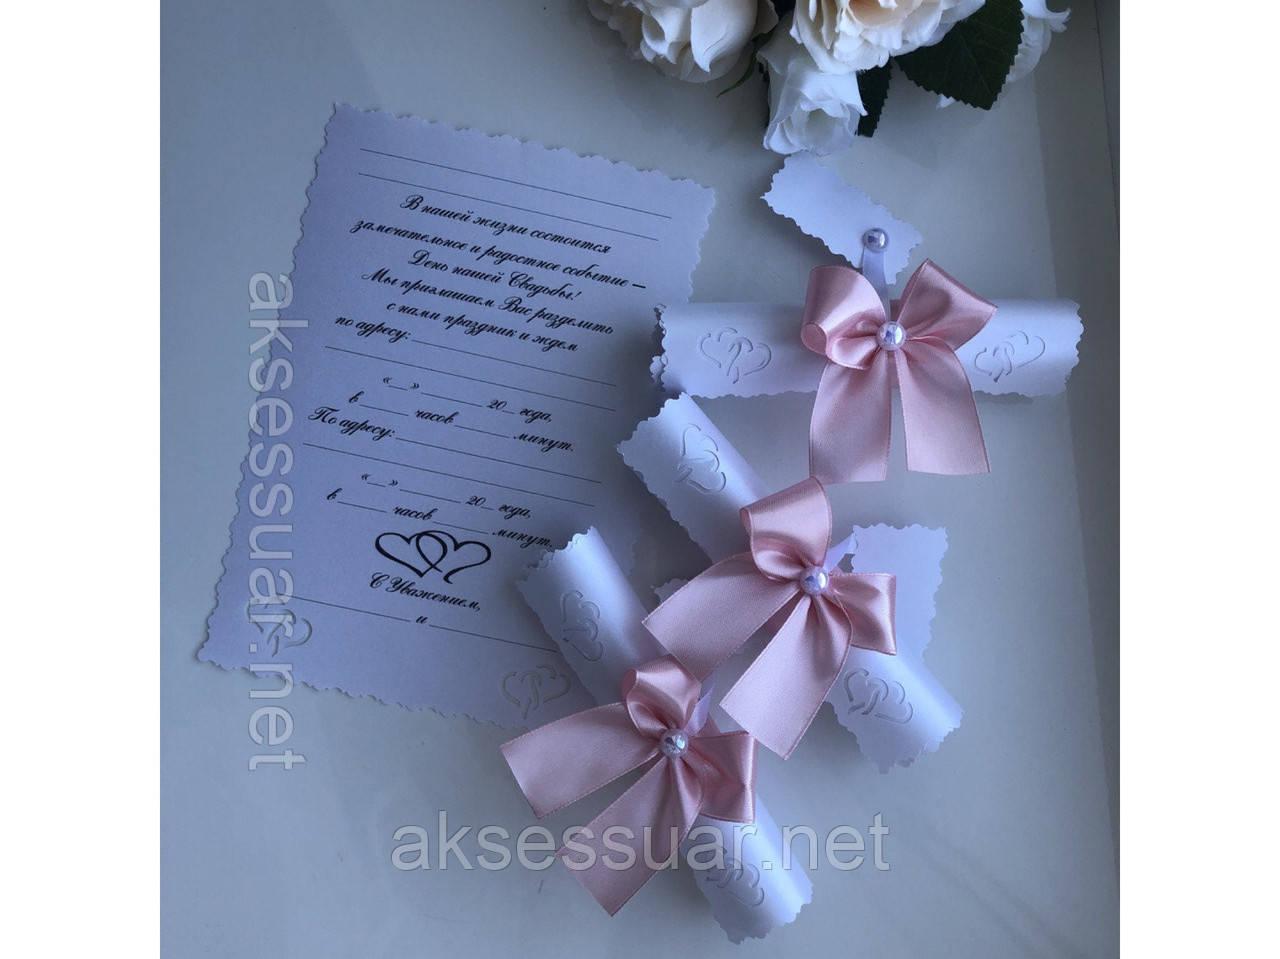 Запрошення на весілля ручної роботи VIP